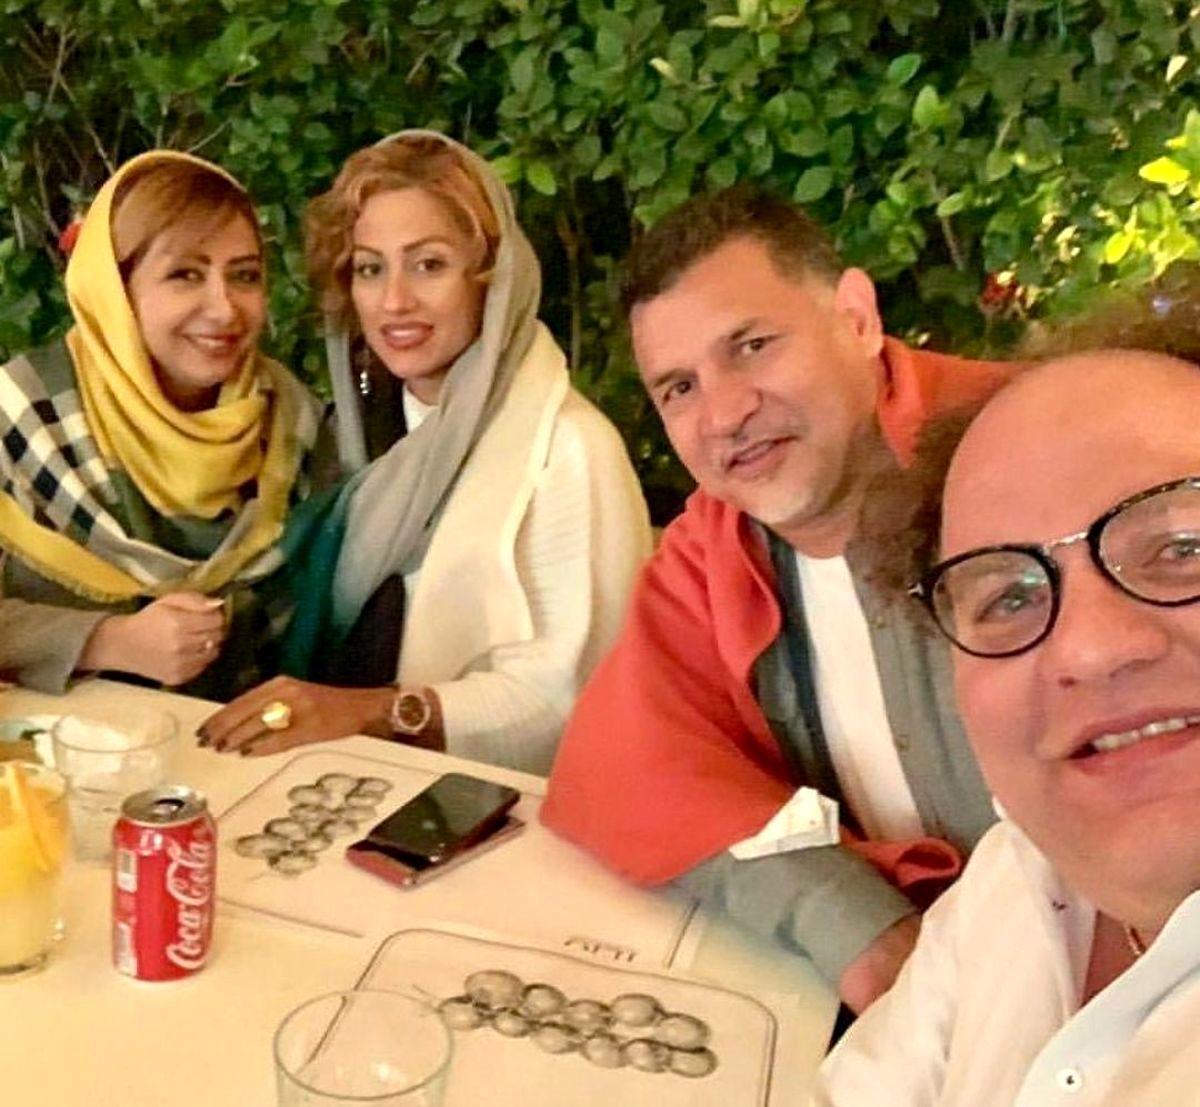 علی دایی از همسر جوانش رونمایی کرد + عکس لورفته